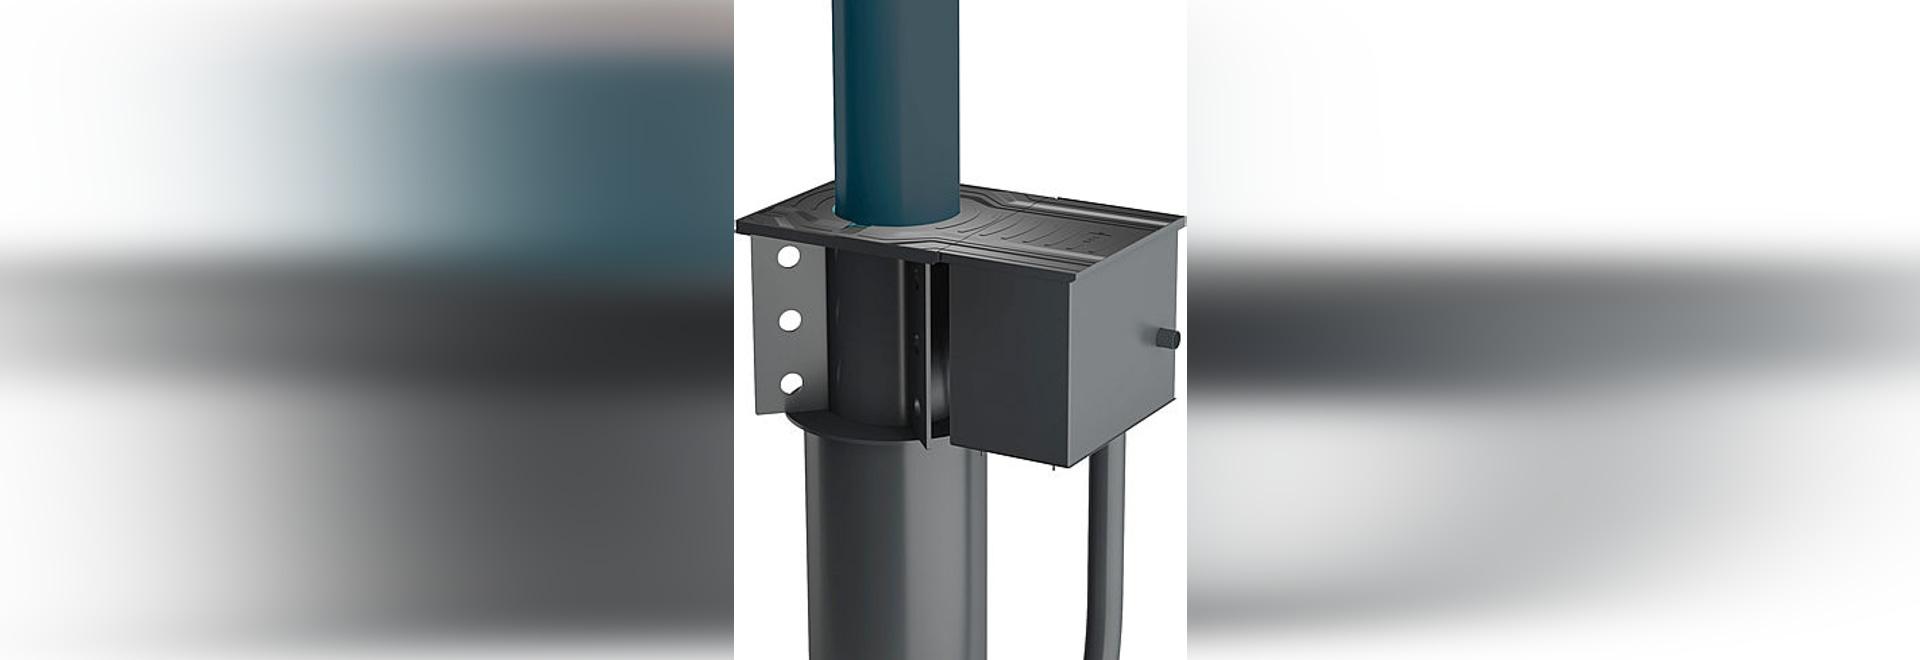 Xpass B: il nuovo dissuasore idraulico anti terrorismo di Bft